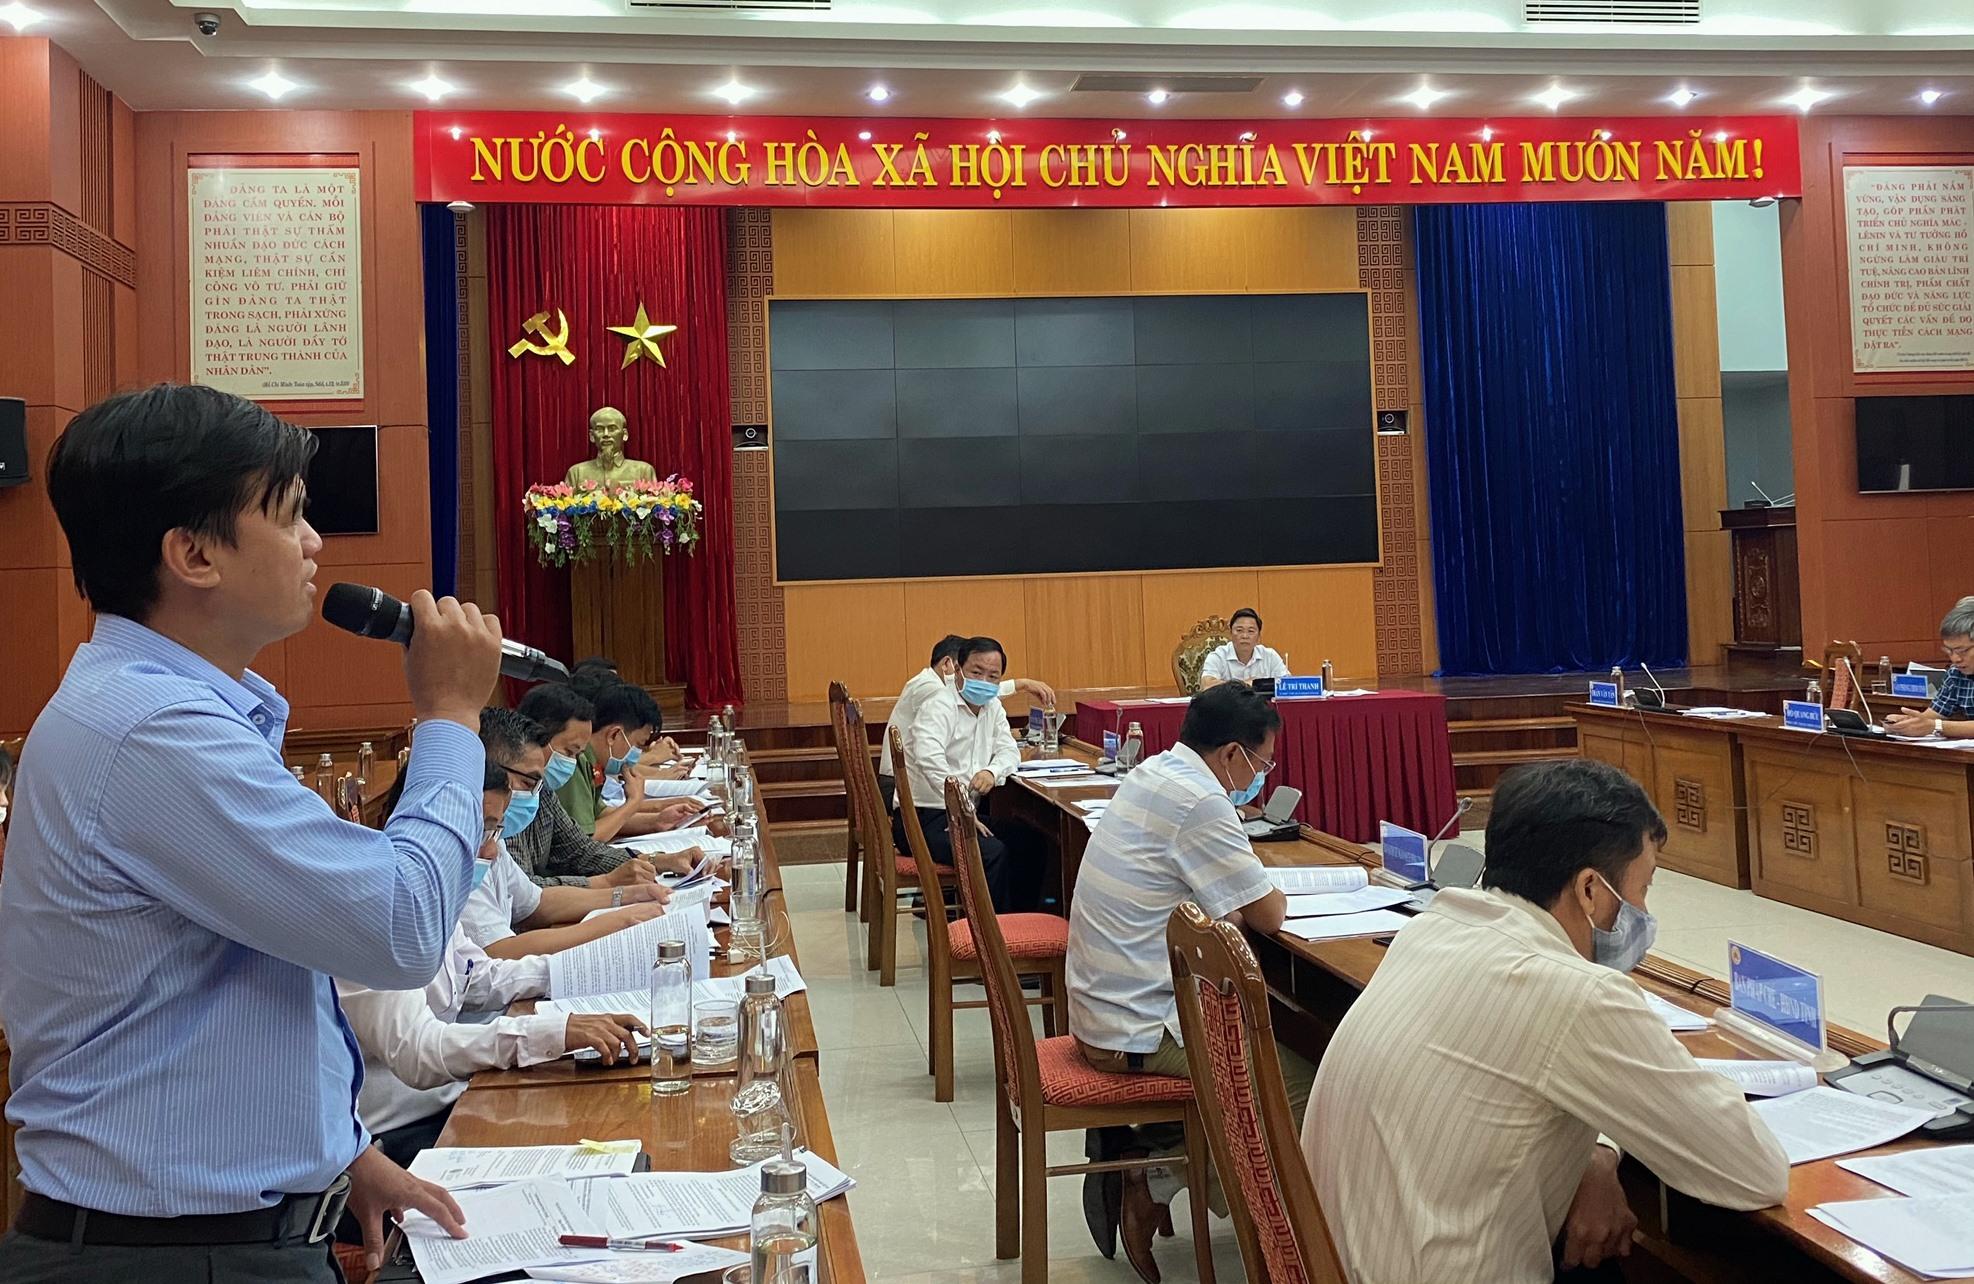 Phó Chủ tịch UBND thị xã Điện Bàn Nguyễn Minh Hiếu góp ý về dự thảo quy định chinh sách bồi thường. Ảnh: H.P